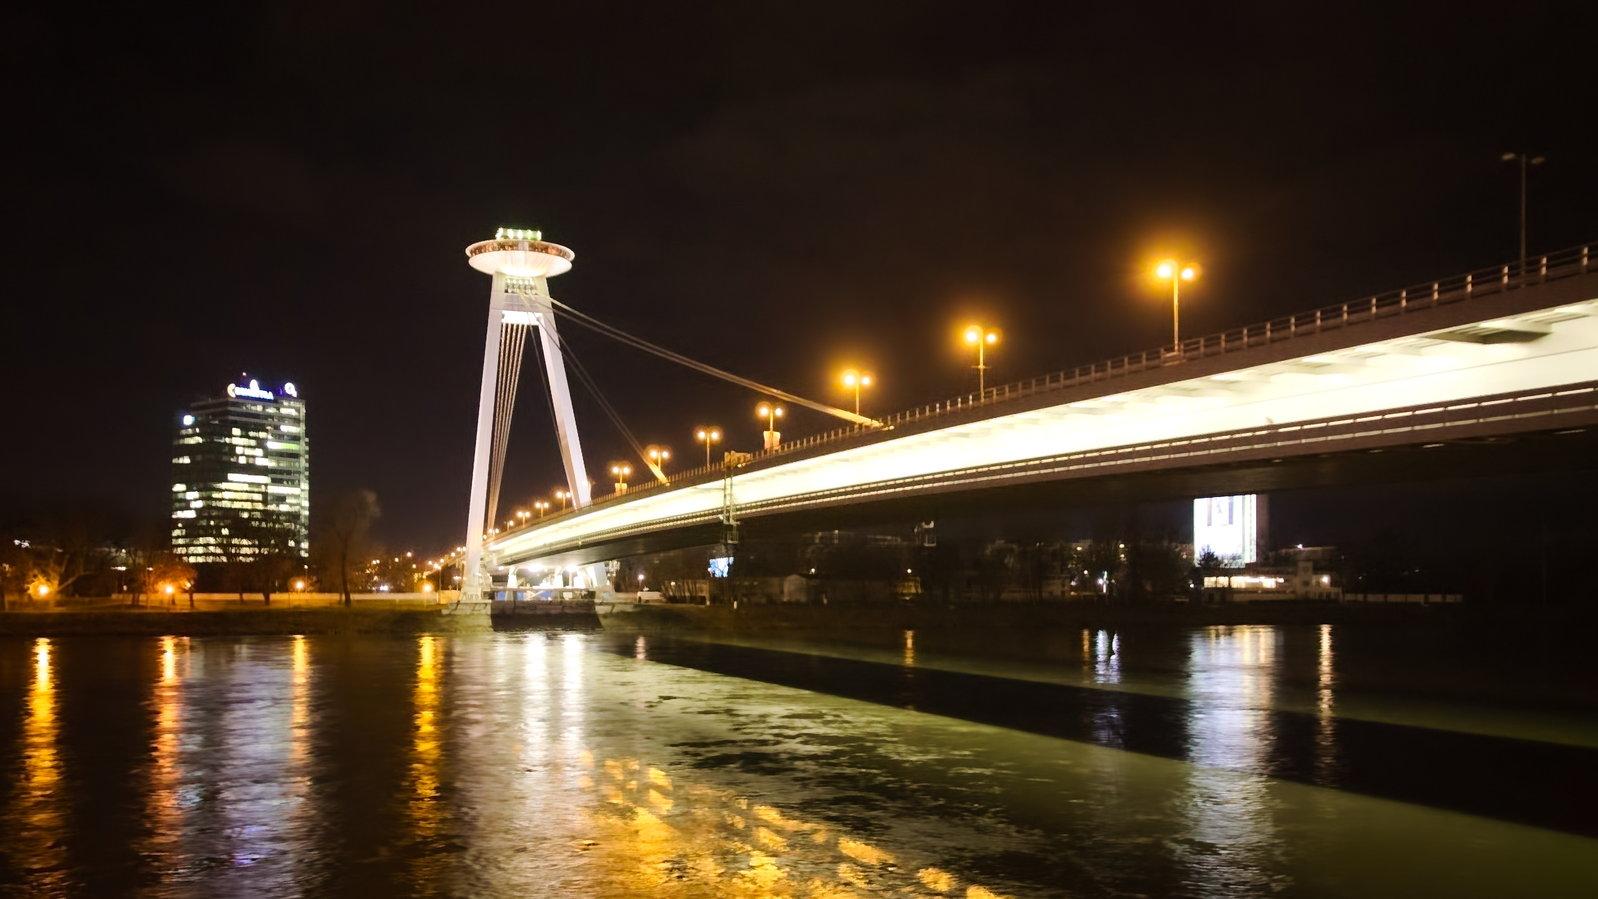 Szlovák Nemzeti Felkelés hídja - tetején a forgó étterem